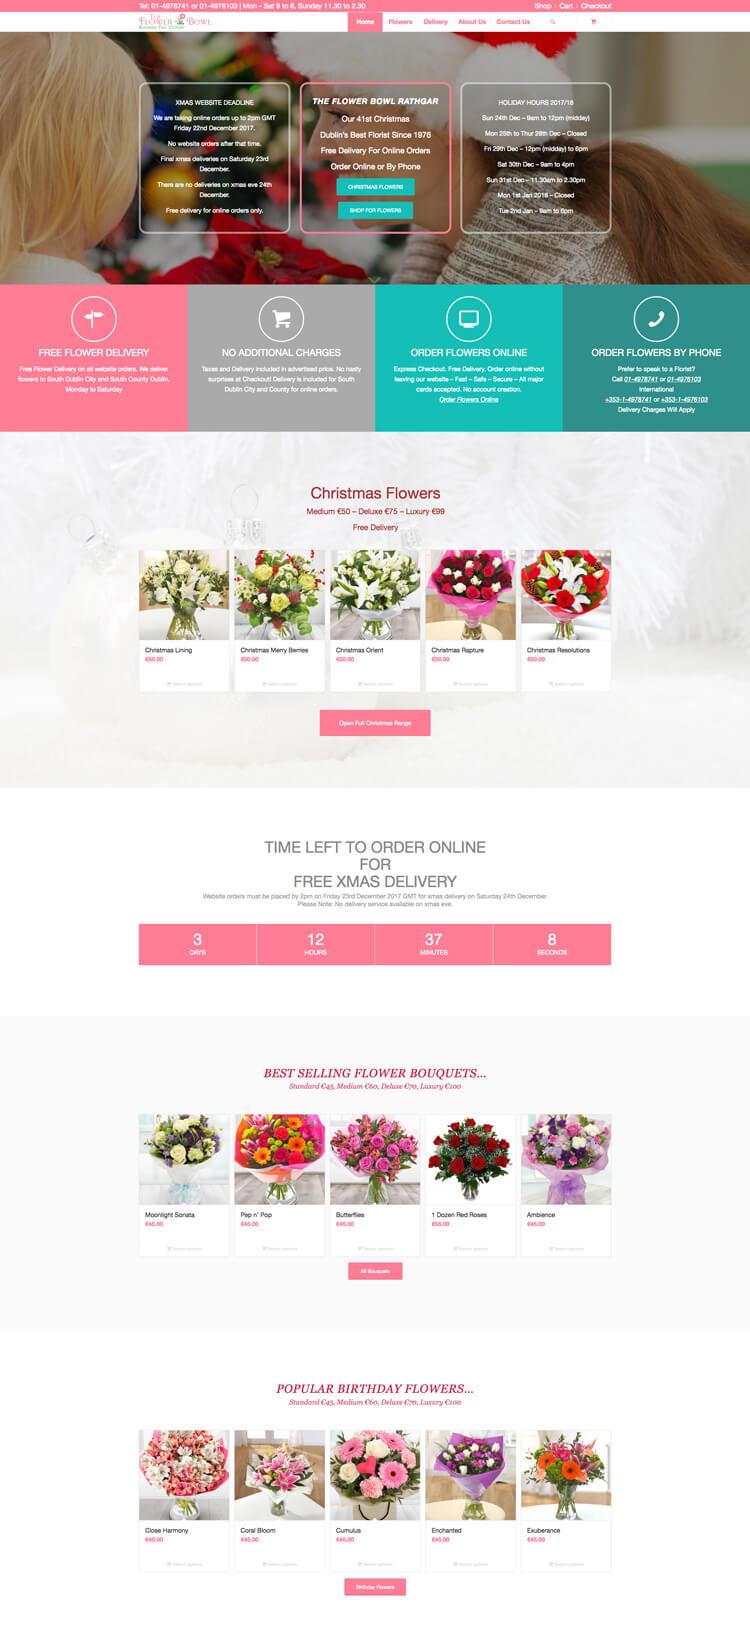 xmas homepage.jpg